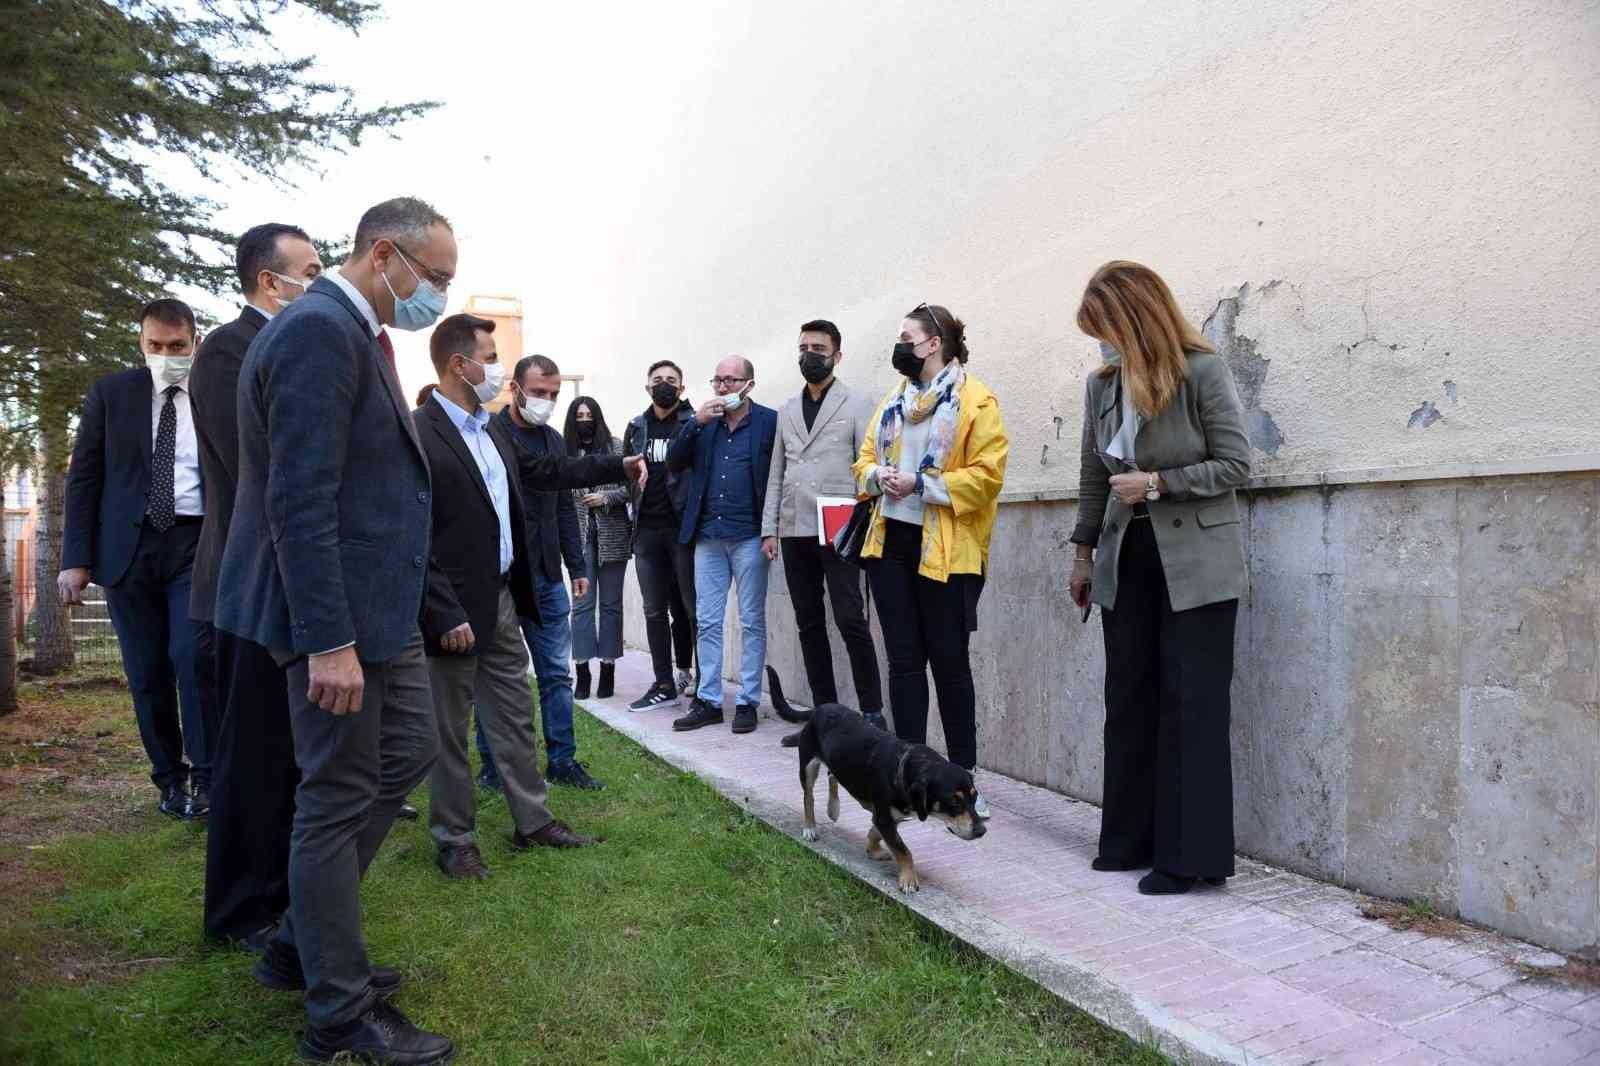 Hitit Üniversite'sinde 'Köpek Evi' projesi hayata geçirildi #corum